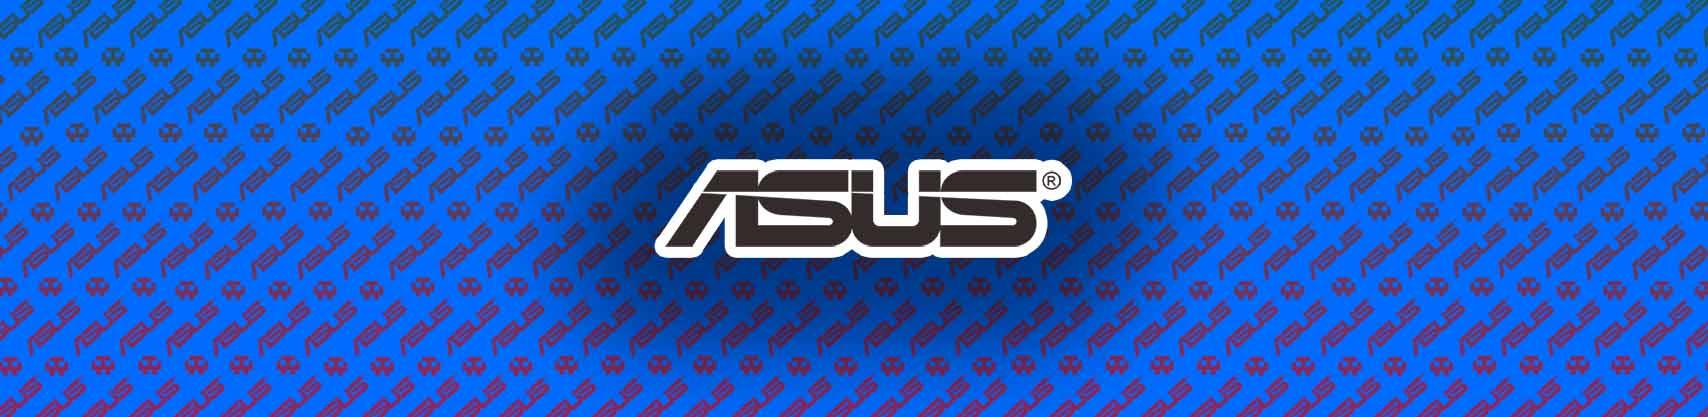 Asus Sabertooth 990FX R2.0 Manual